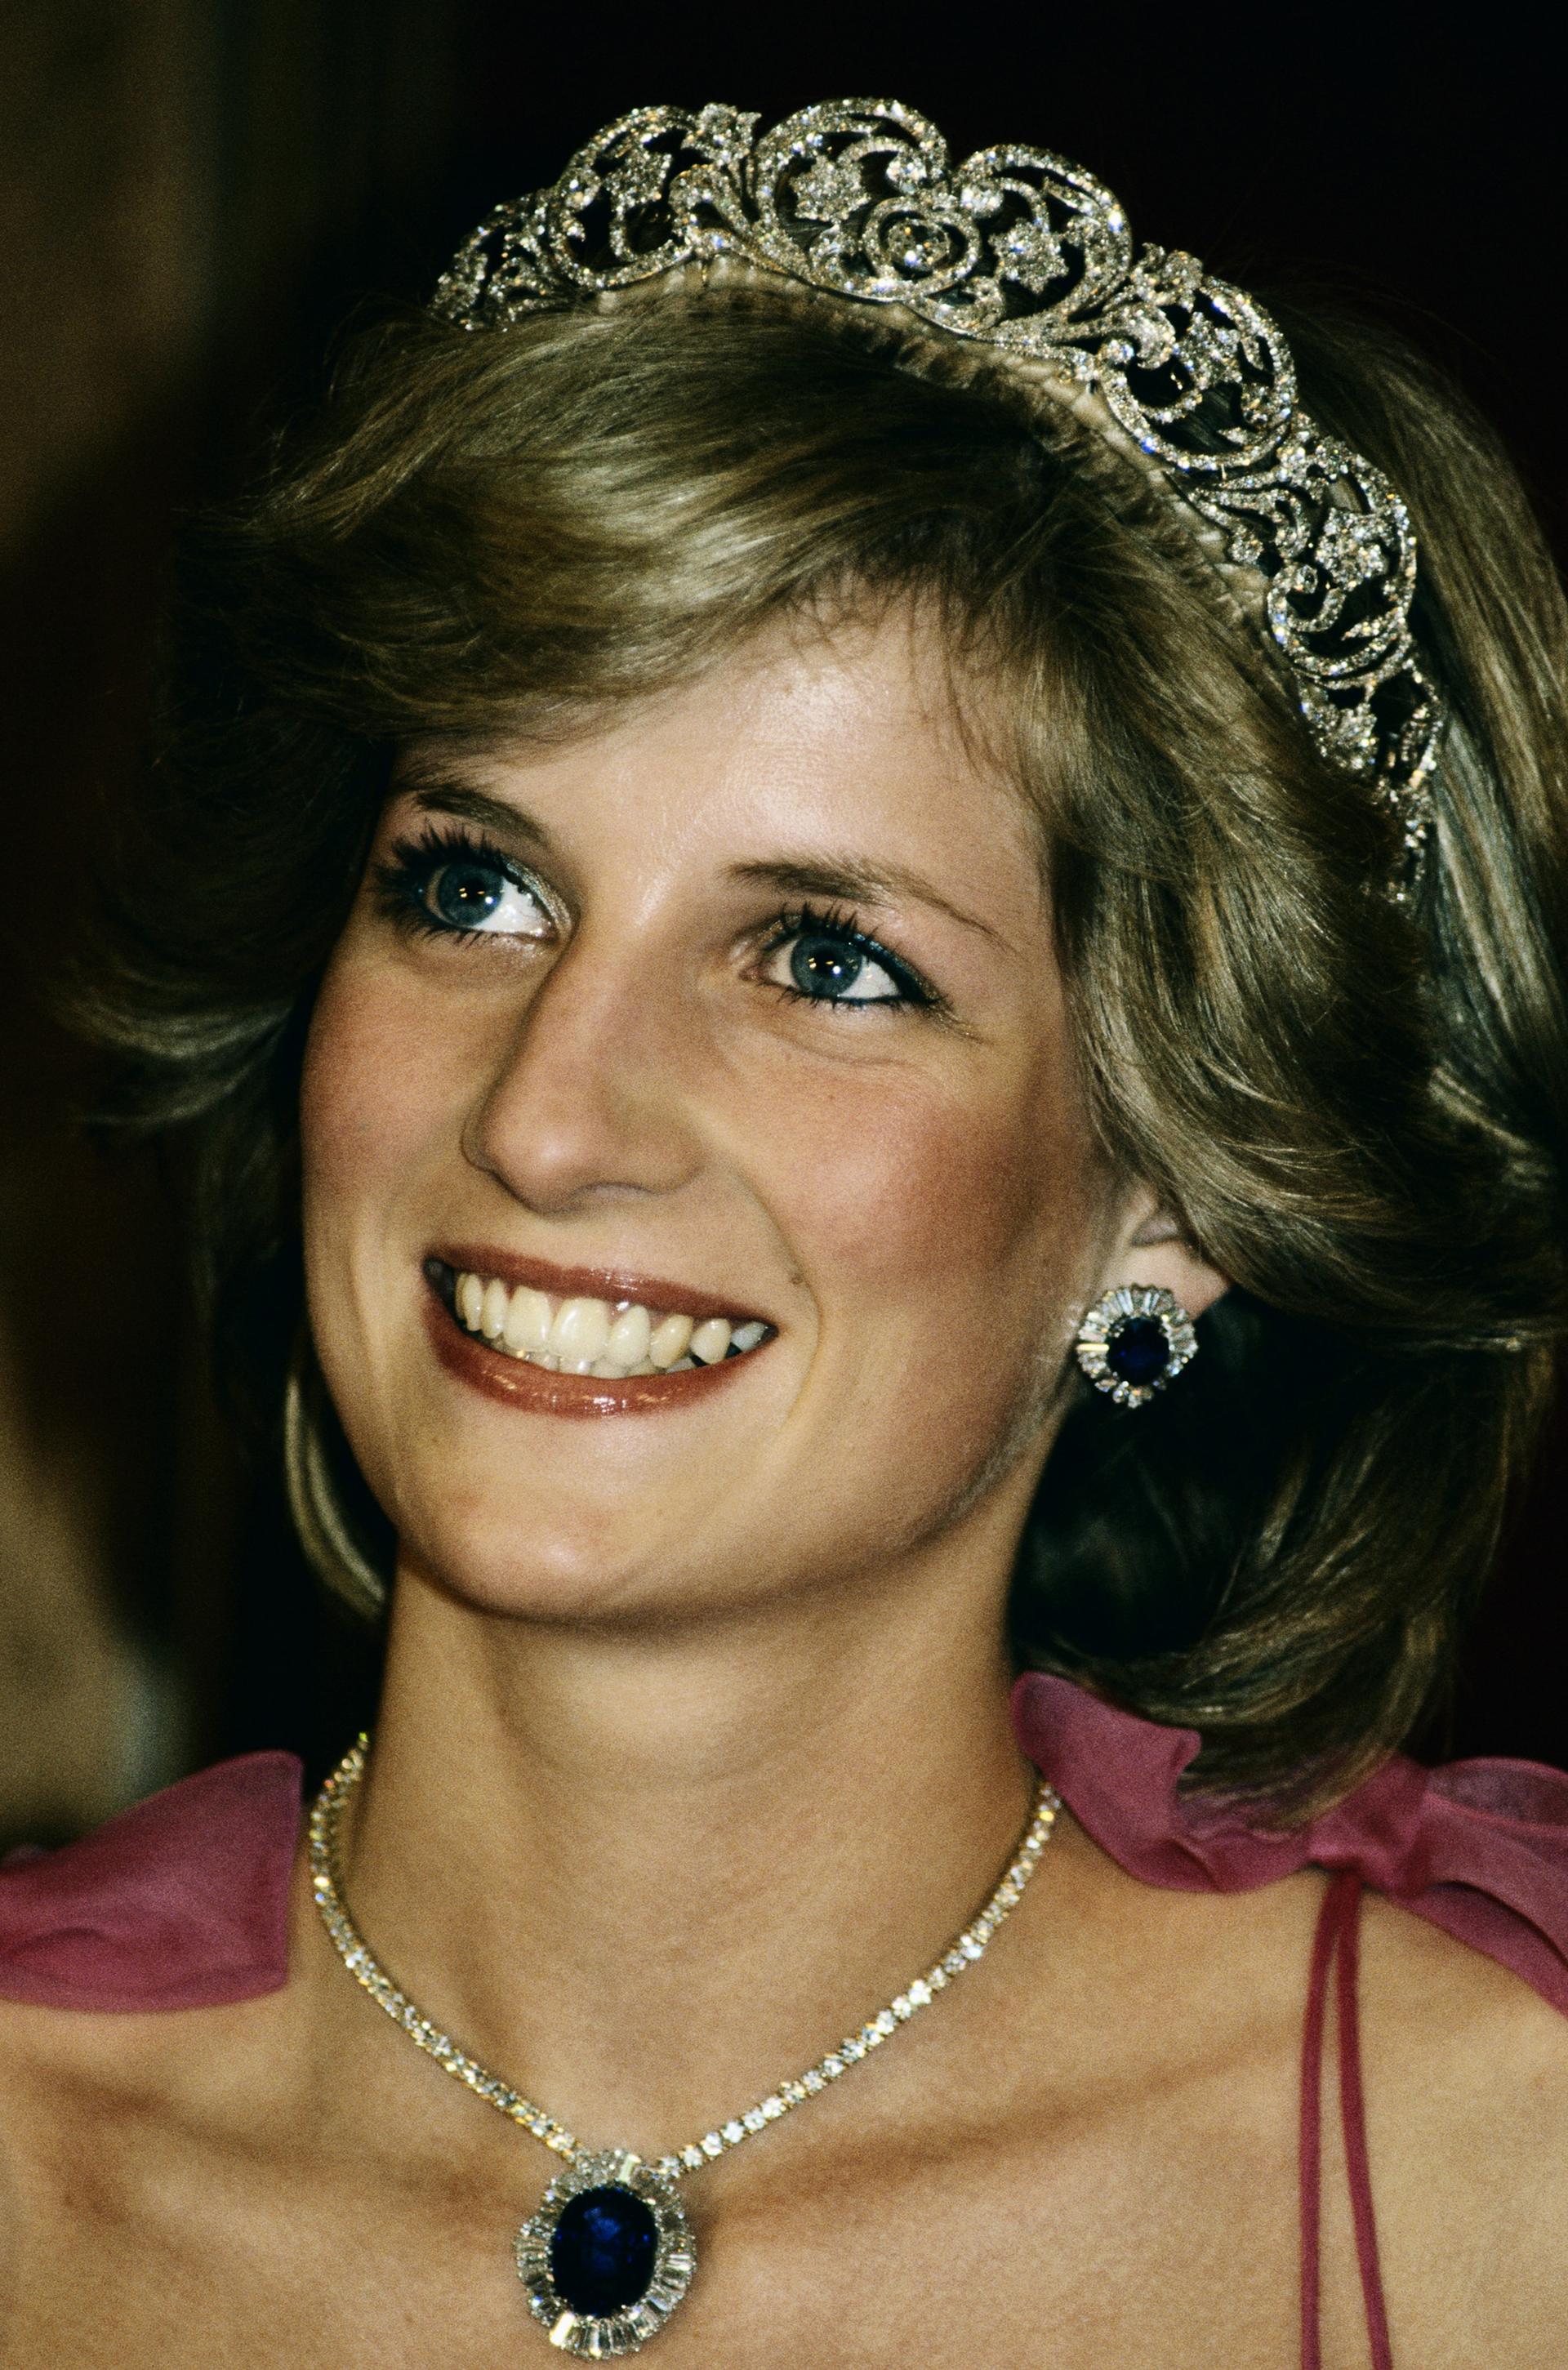 La realeza inglesa tiene una gran colección de joyas entre las cuales la princesa Diana eligió muchas veces sus accesorios. Delicadas de brillantes y piedras preciosas, los combinaba para resaltar sus clásicosatuendos